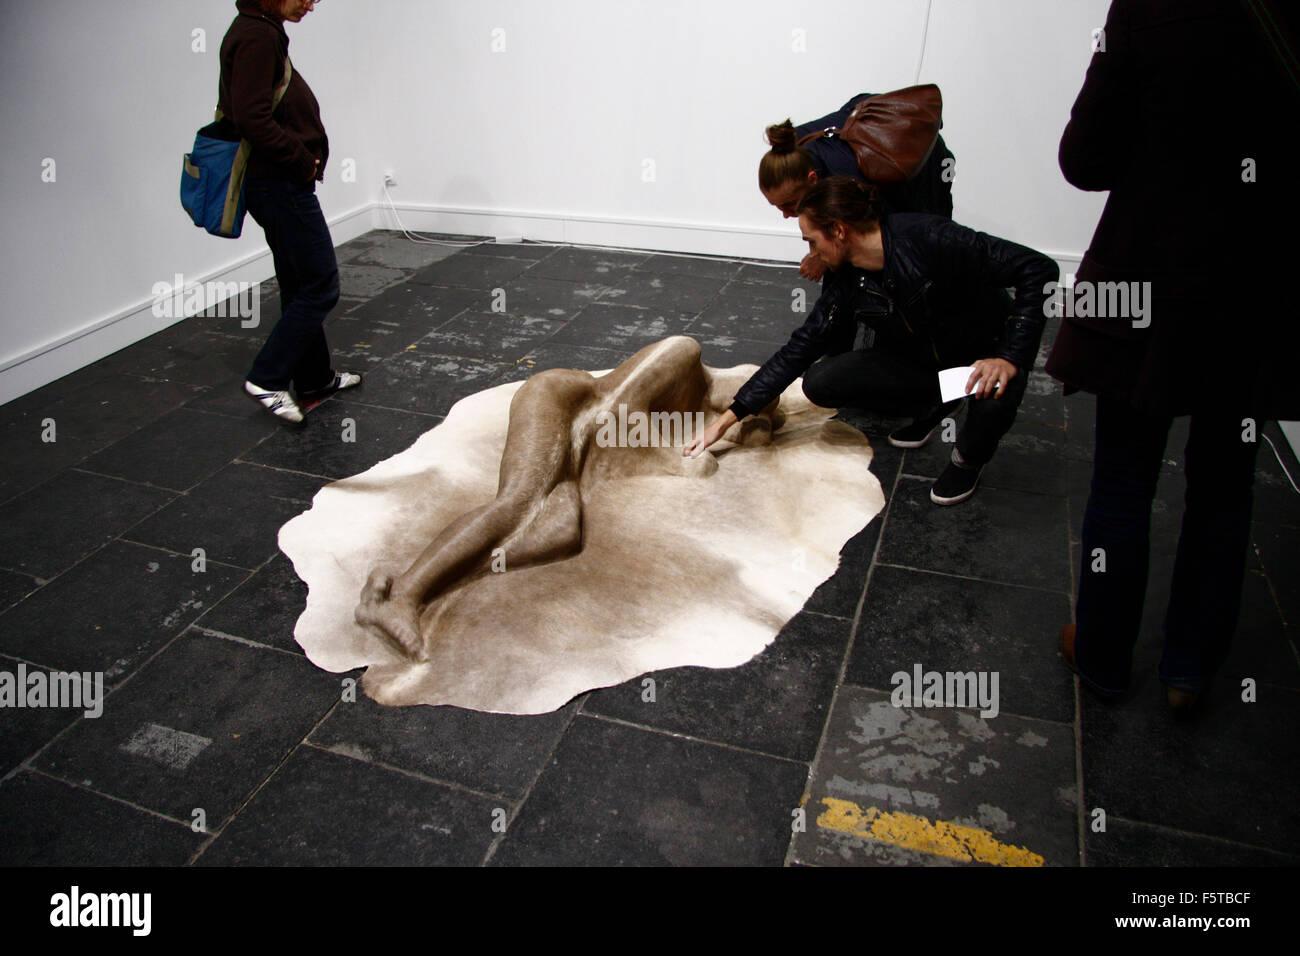 Impressionen - Kunstmesse fuer zeitgenoessische Kunst 'Preview Berlin 08', Hangar 2, Flughafen Tempelhof, - Stock Image